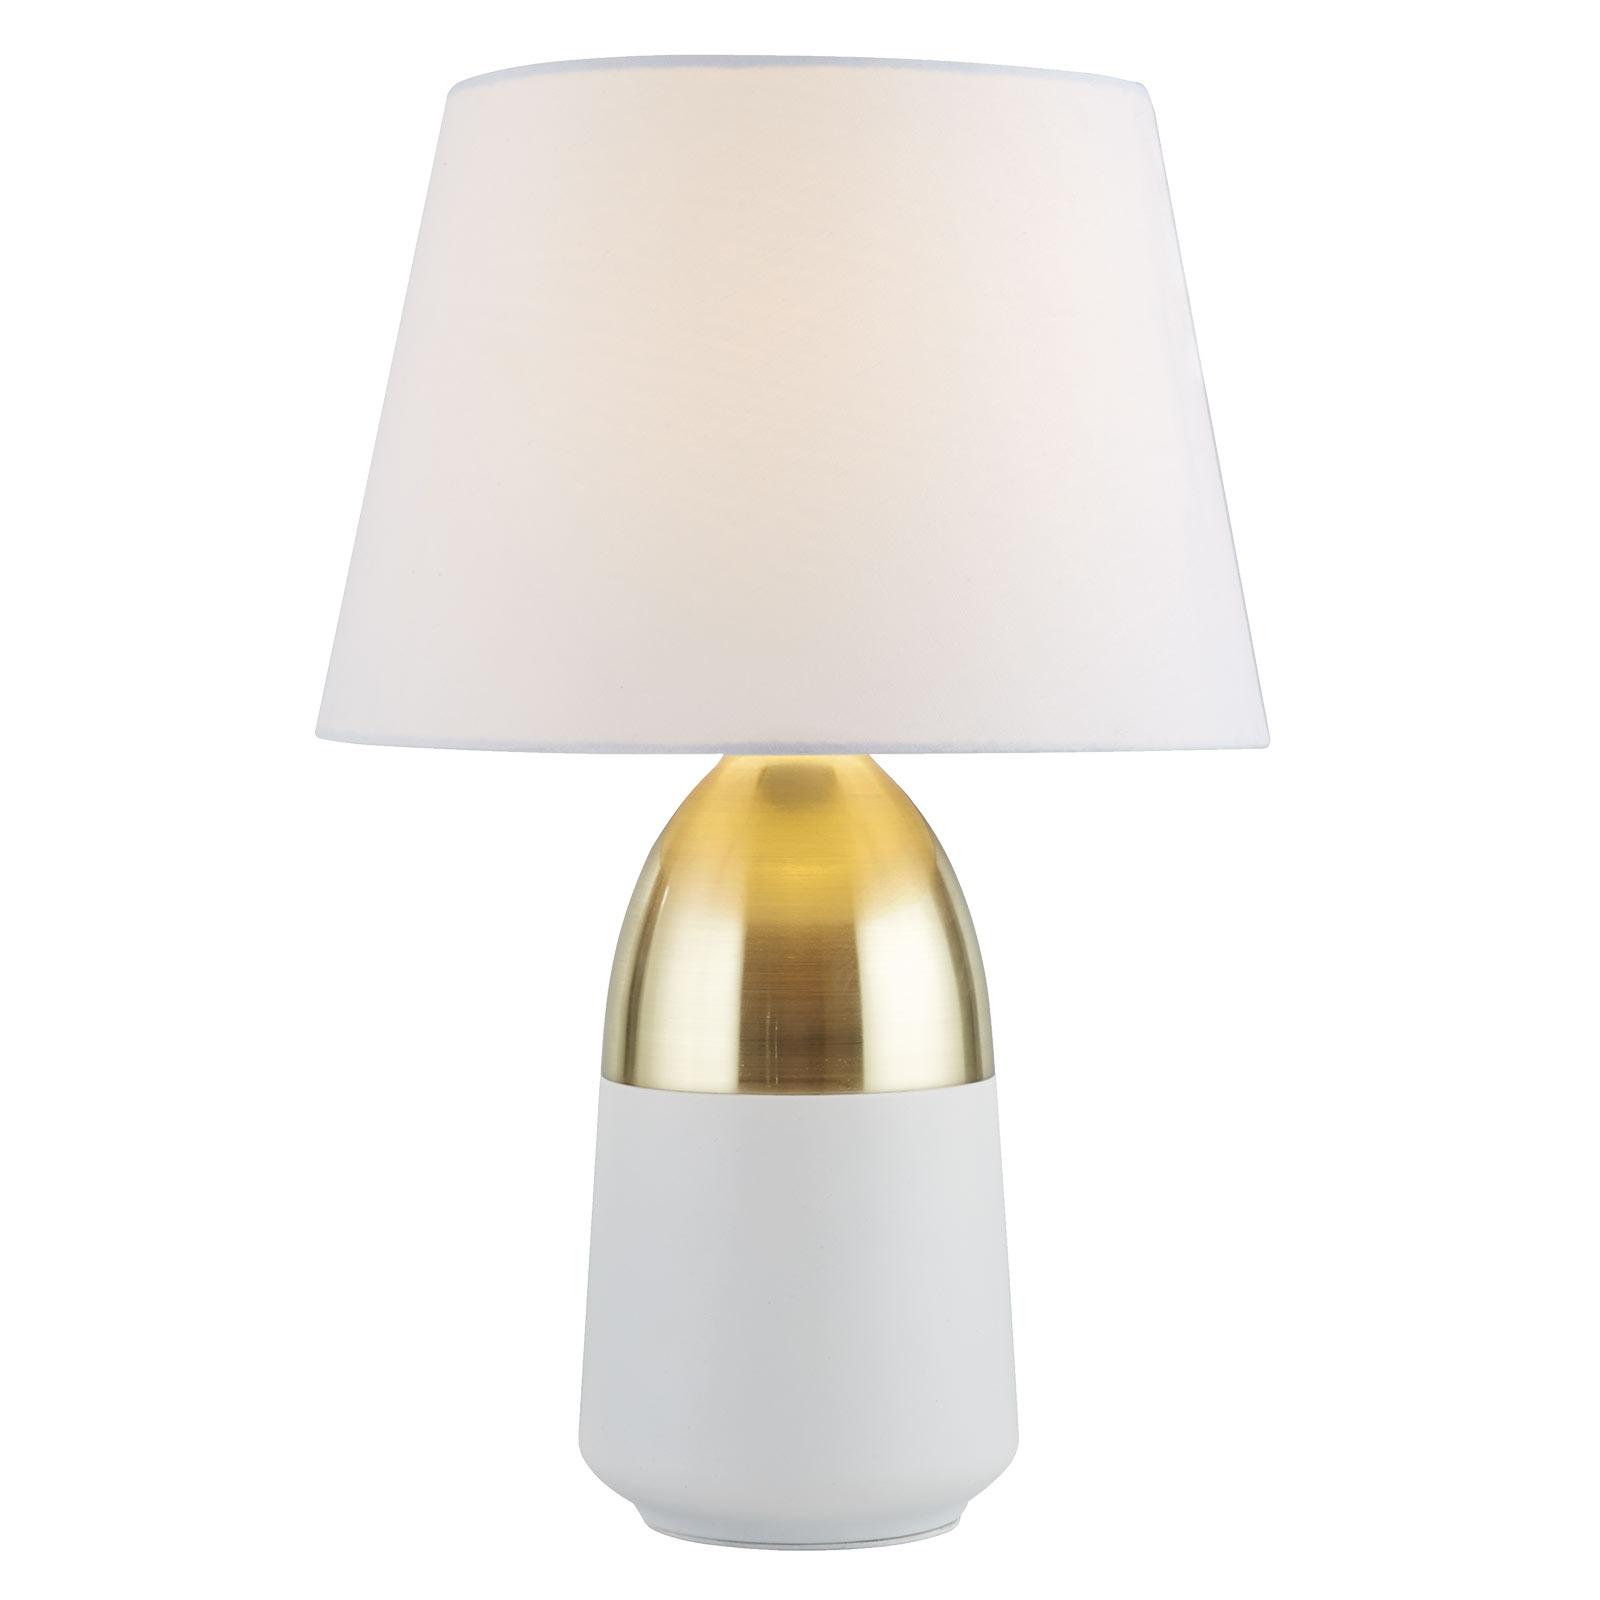 Lampe à poser EU700340 en blanc/laiton élégant